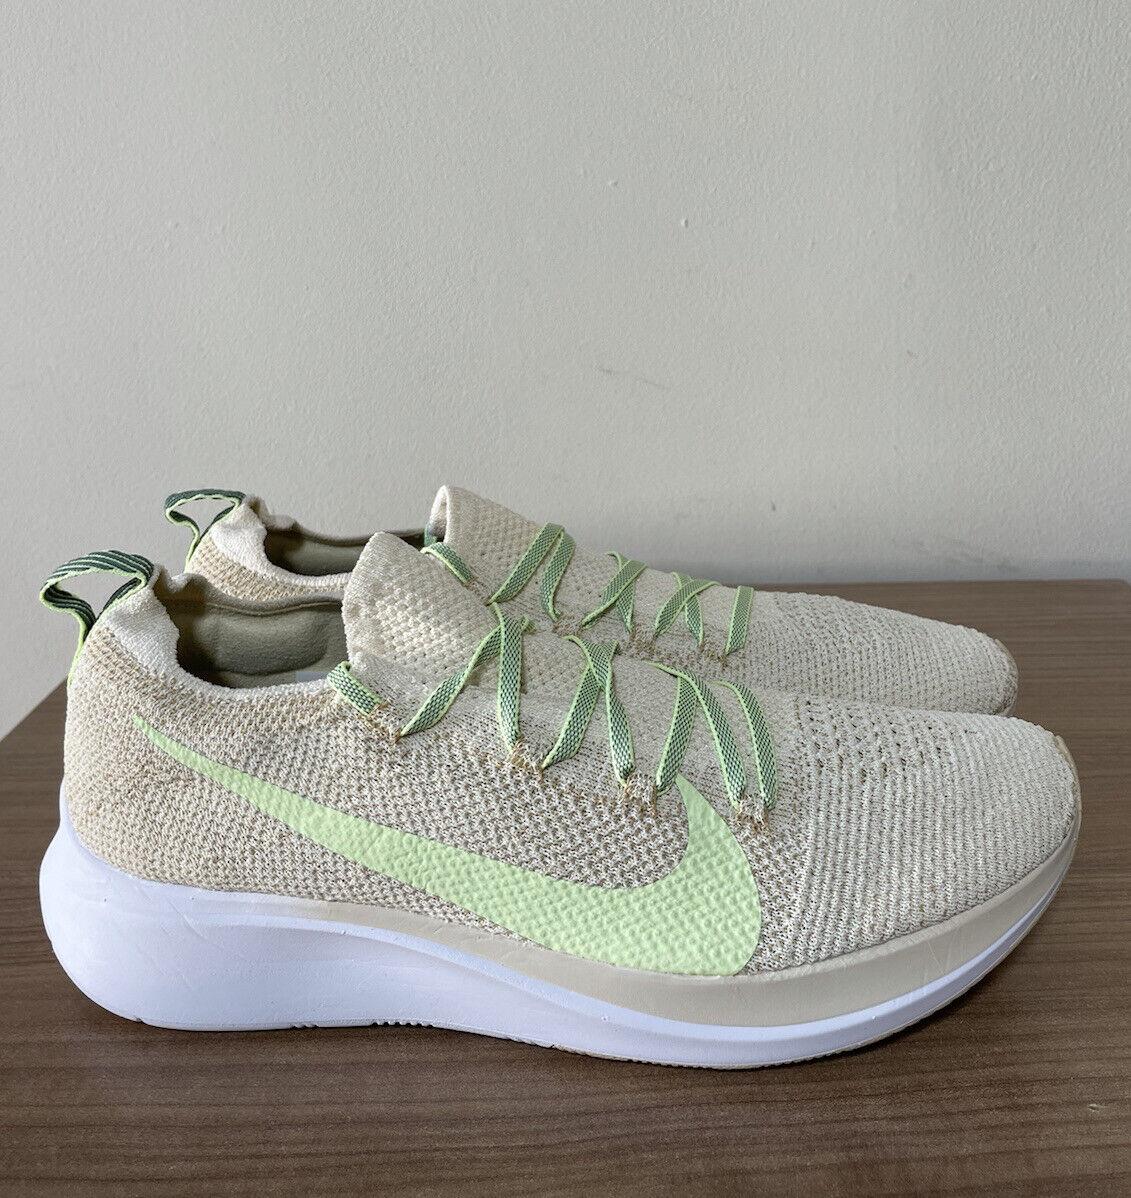 Nike Zoom Fly Flyknit Taille UK7, EUR41, AR4562 200 Lampes Crème/à peine Volt Nouveau